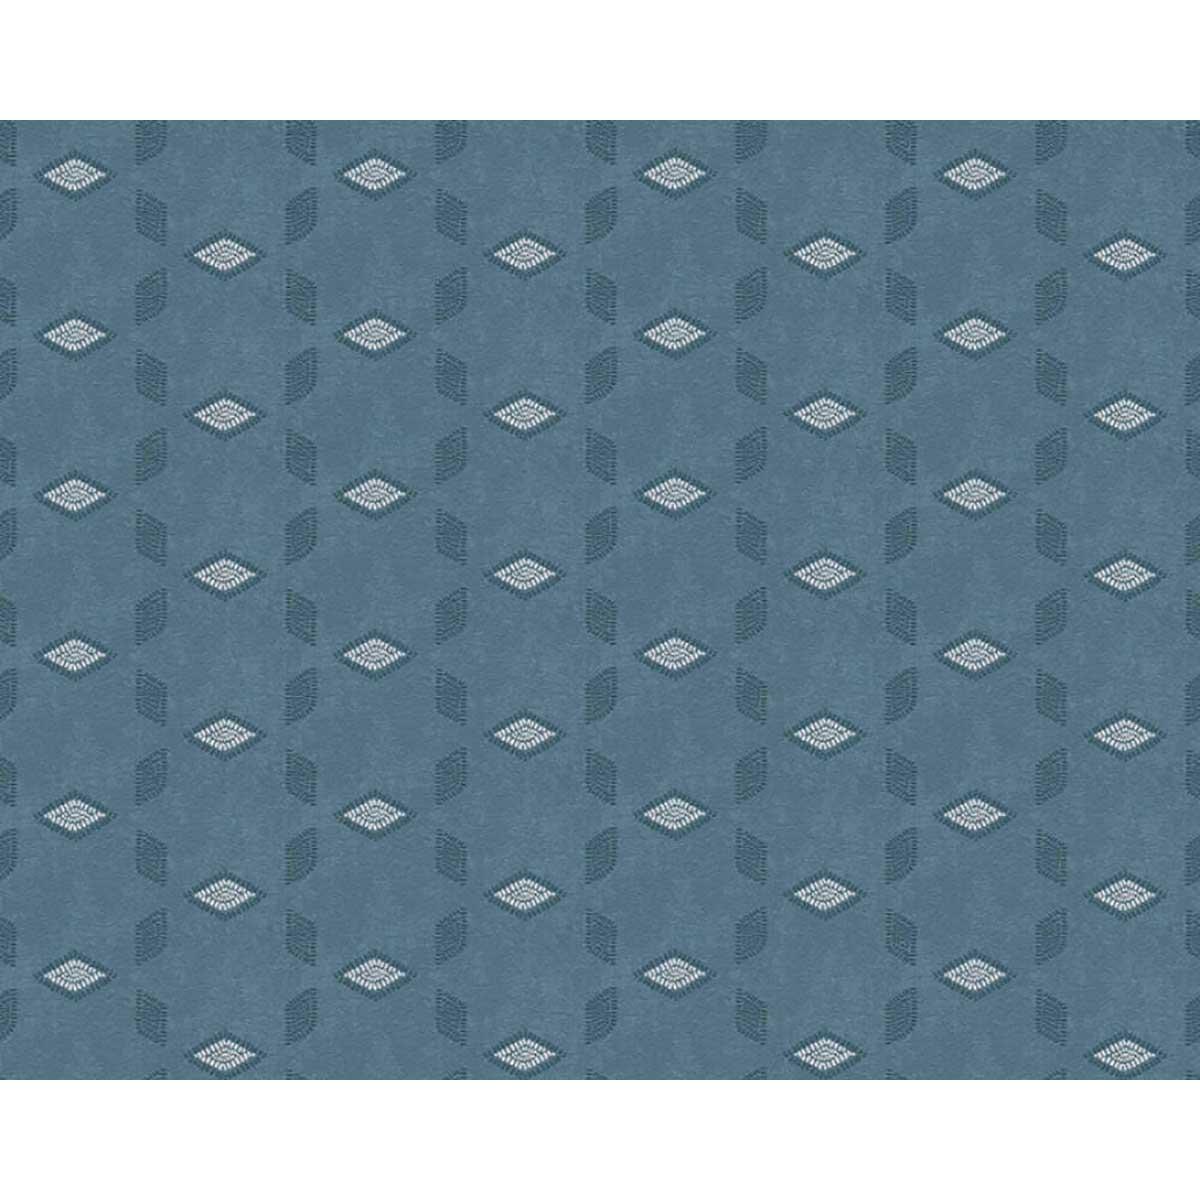 Papier peint à motifs géométriques reliefés - Bleu - 10 ml x 0,53 m